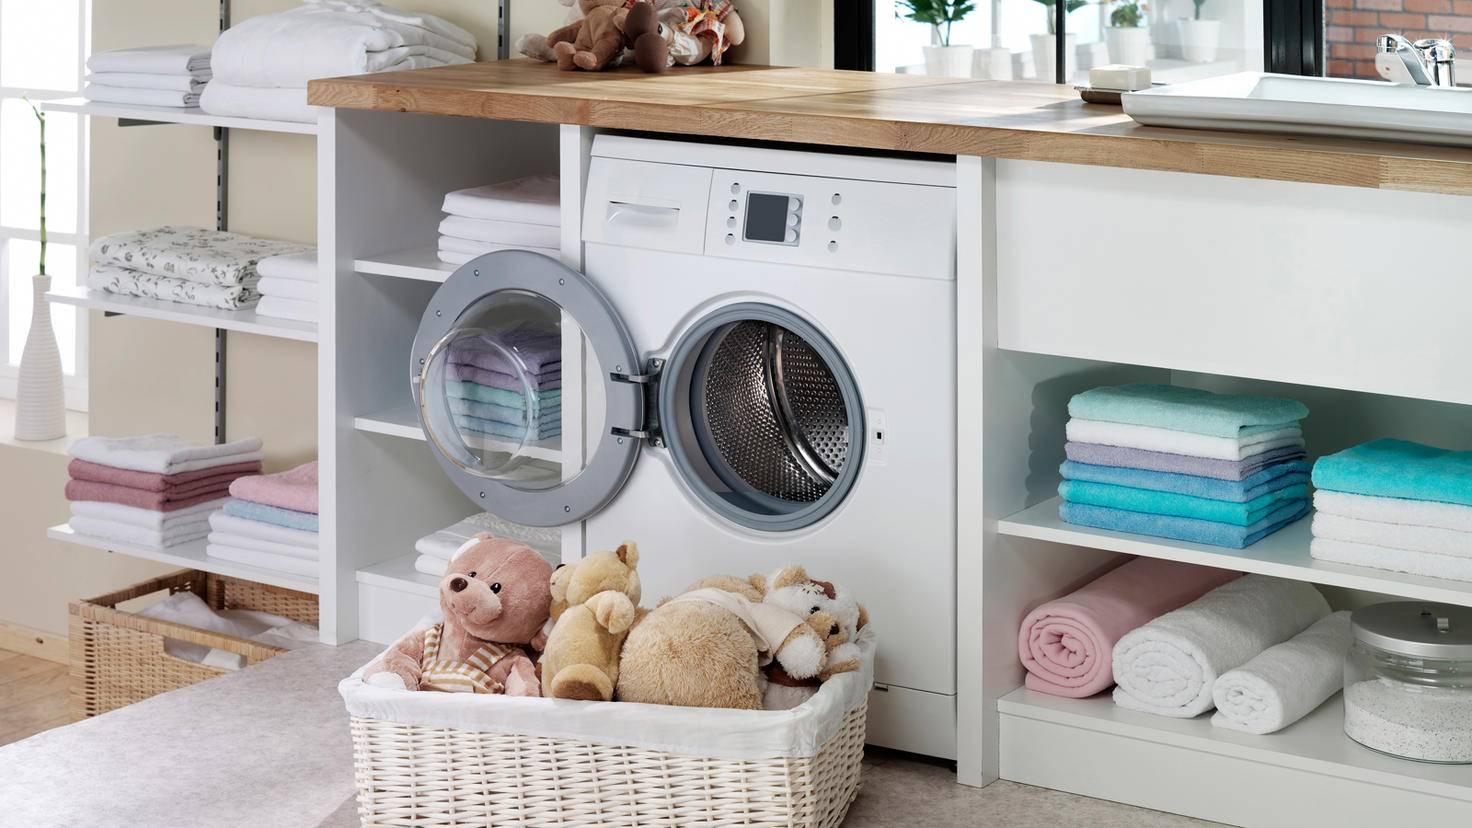 Waschmaschine-Tür-offen-reinigen-gerenme-GettyImages-471727557